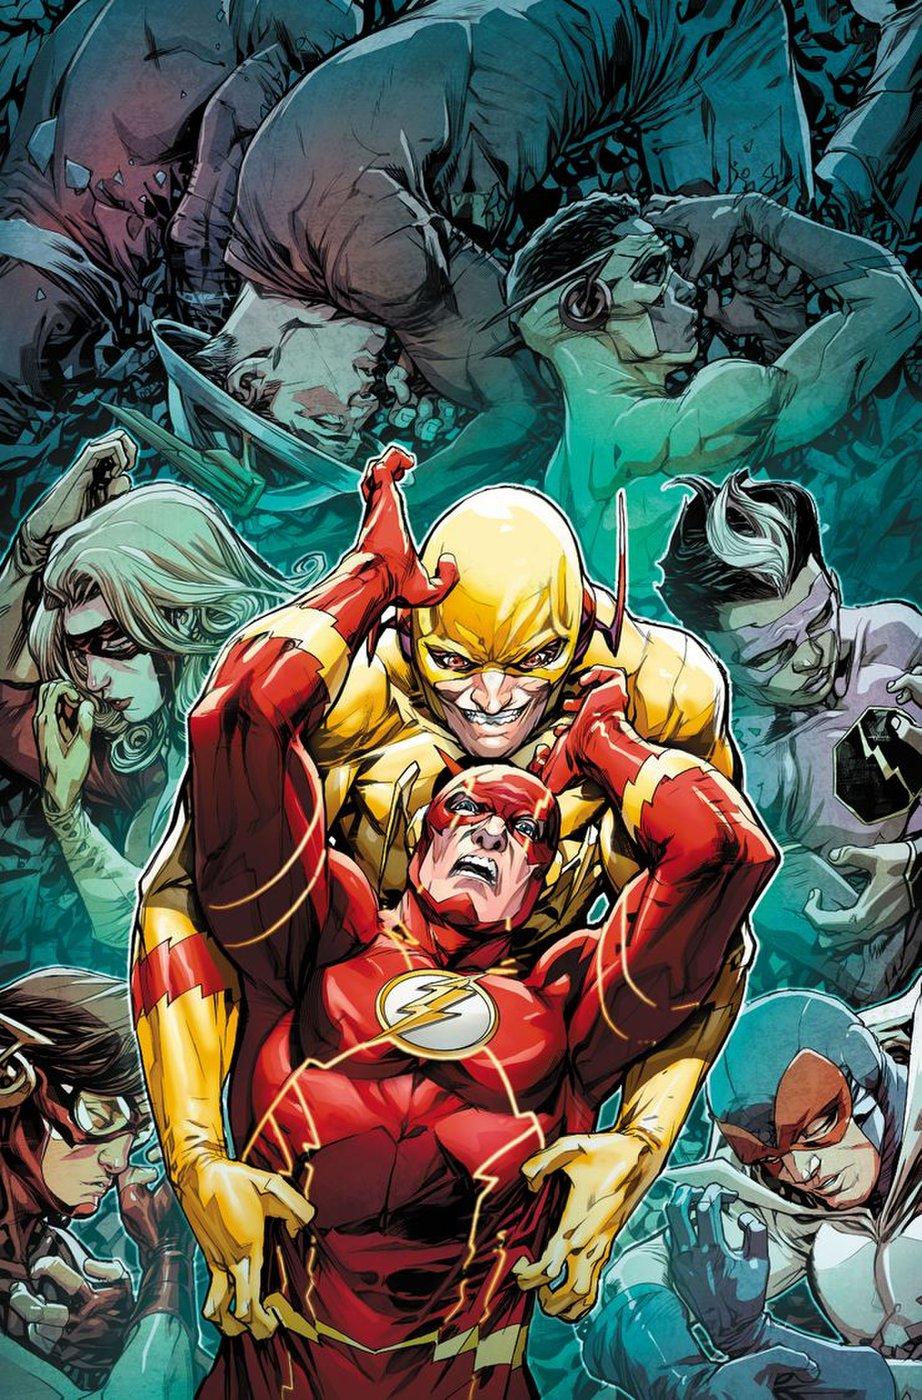 DC annonce Finish Line, dernier arc de Williamson sur Flash 2